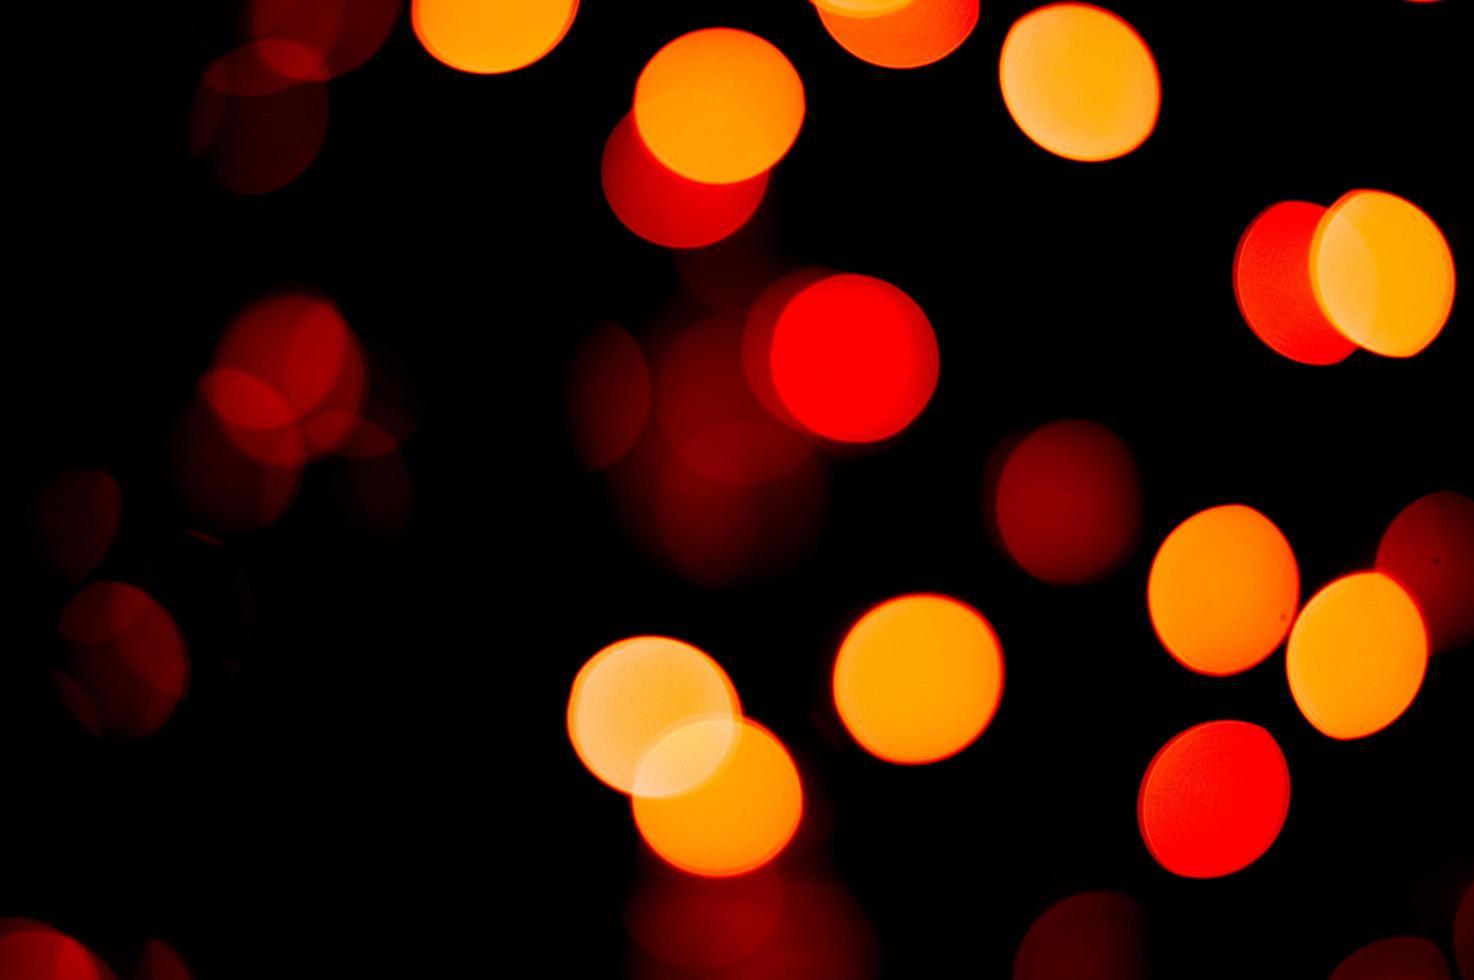 fuera de foco luces rojas y amarillas foto